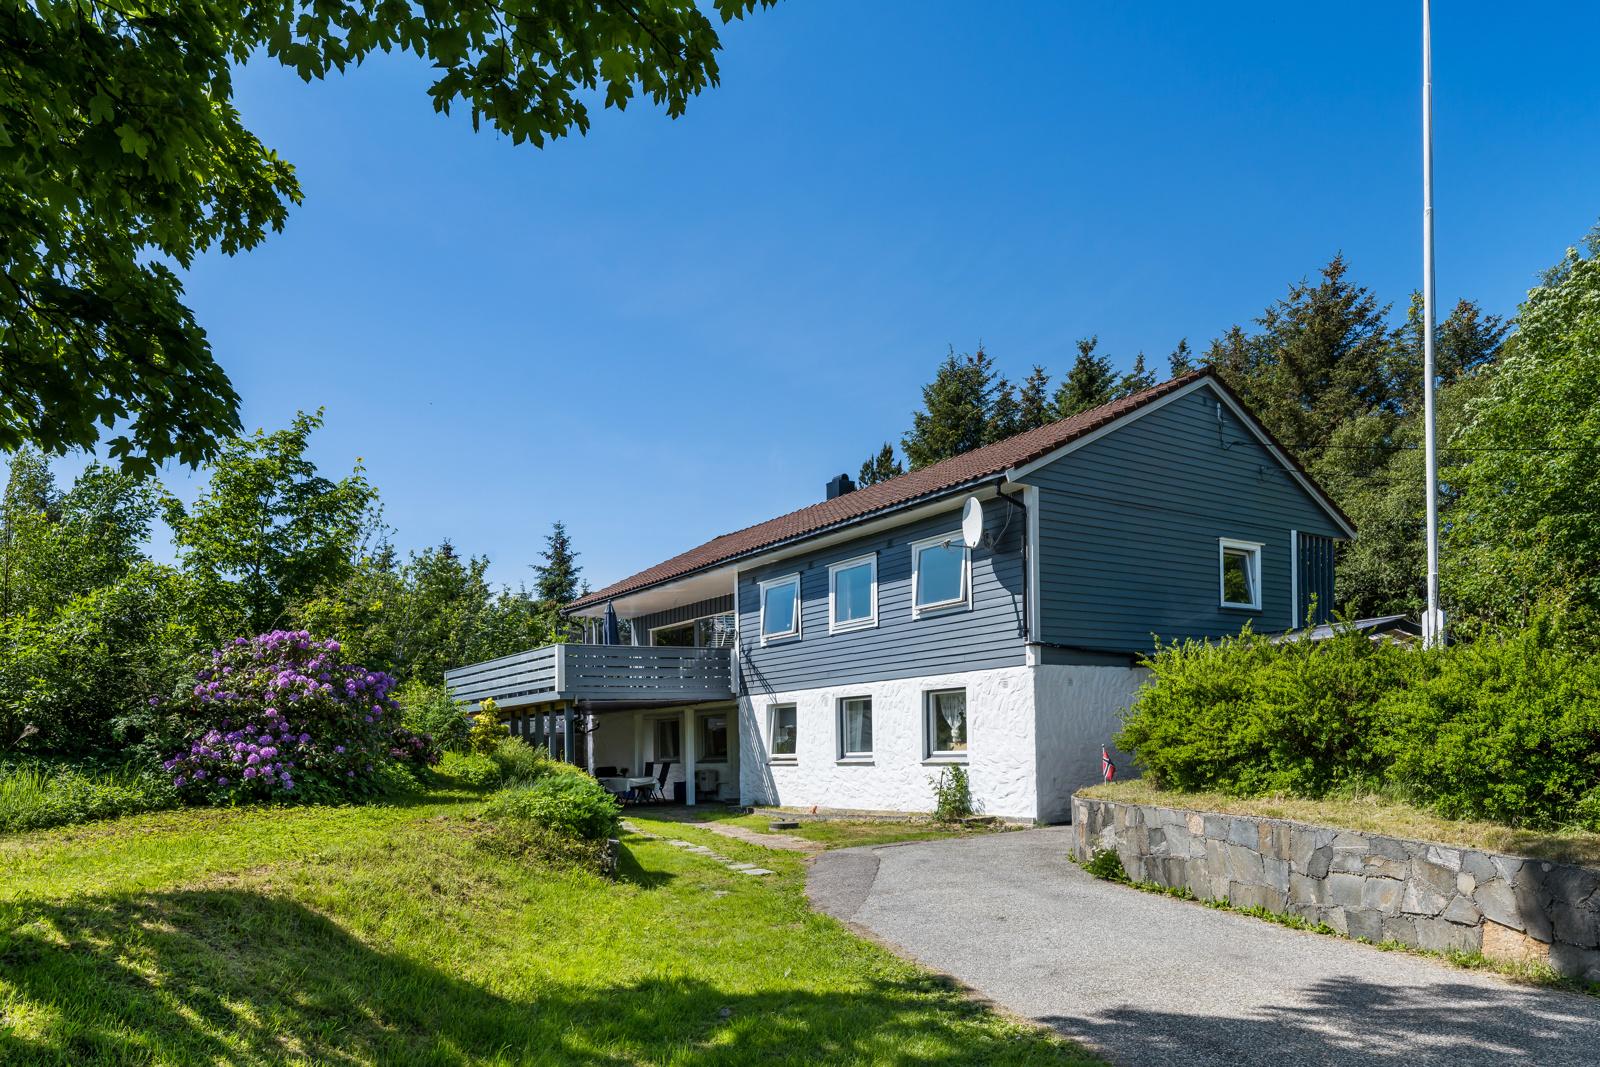 Velkommen til Landrovegen 188, en familievennlig enebolig i et godt og populært boligområde, presentert av Chris-André Grimstad